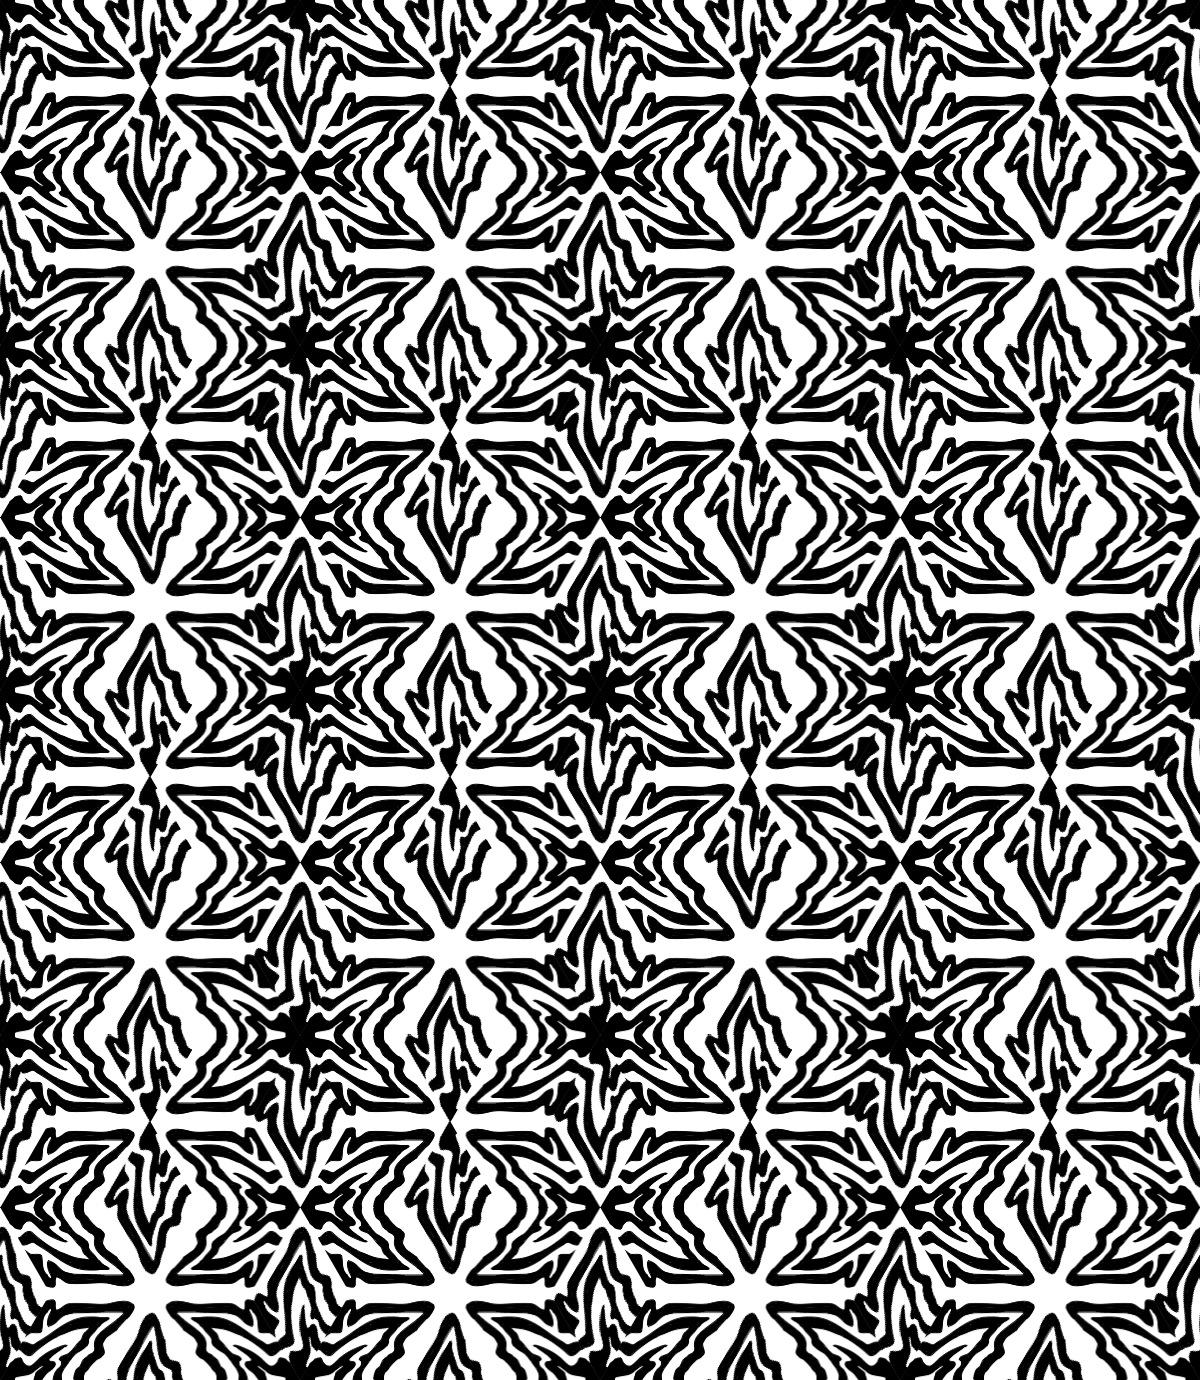 022_tiled